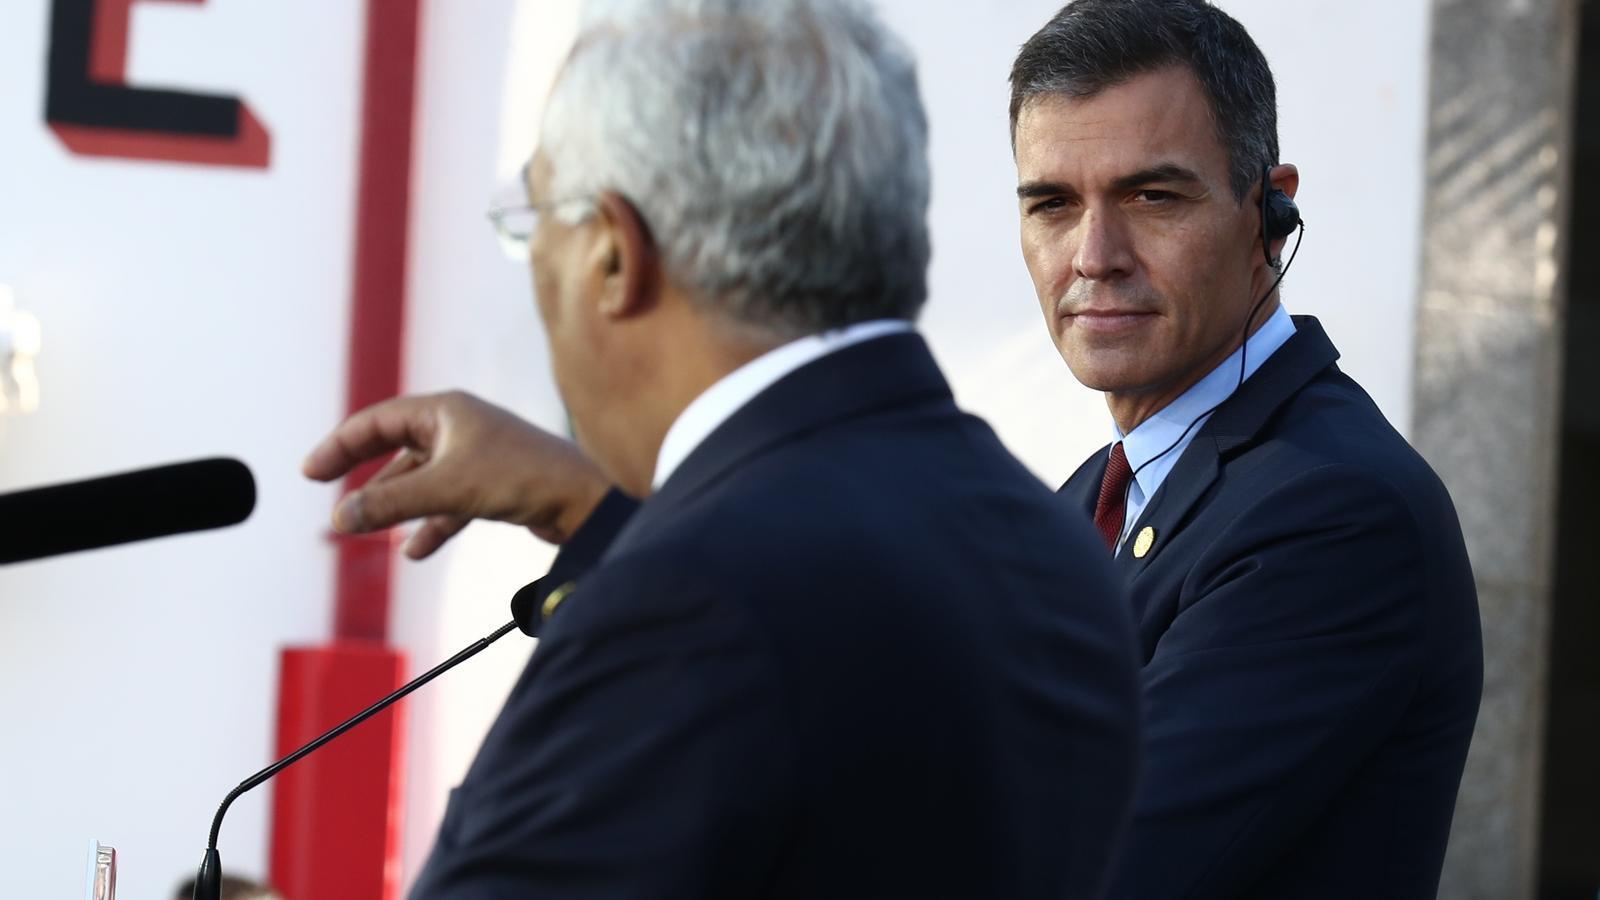 El president del govern espanyol, Pedro Sánchez, al costat del seu homòleg portuguès, António Costa